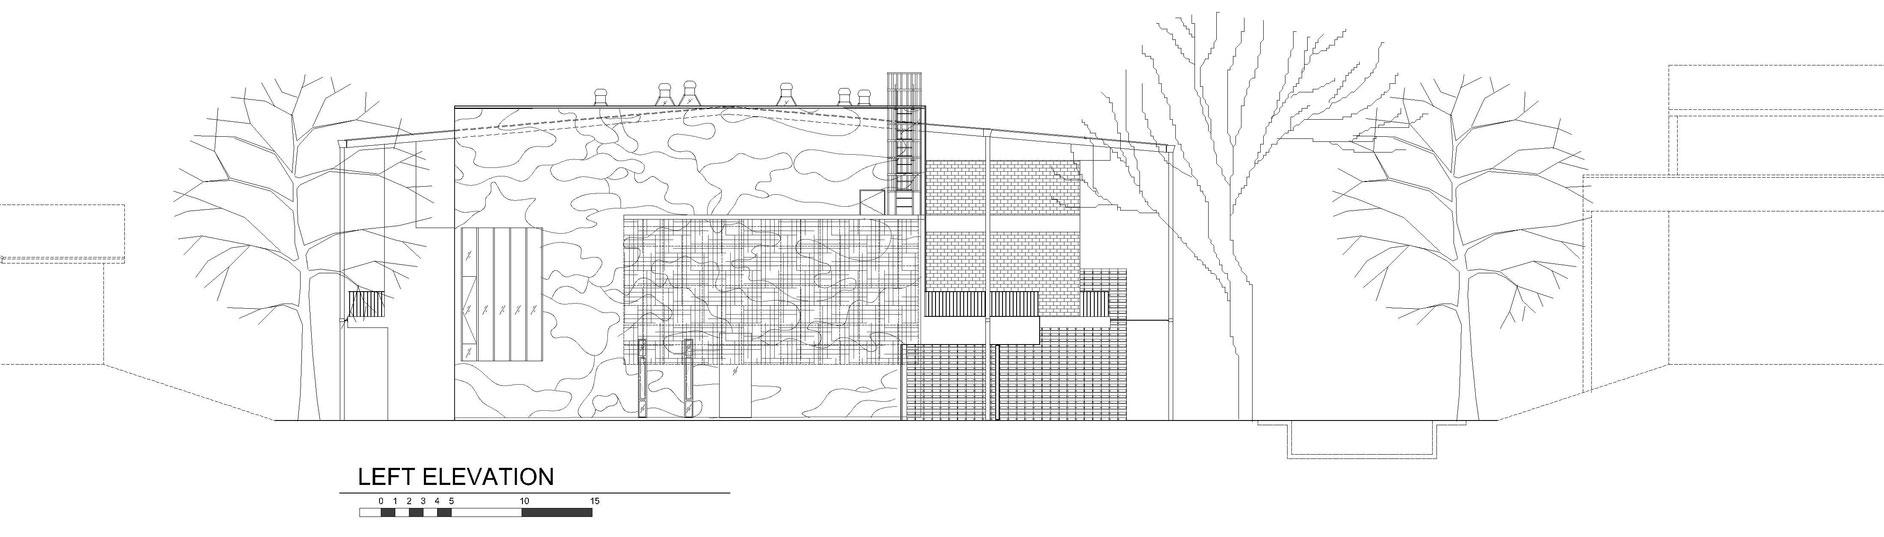 s11-house-23